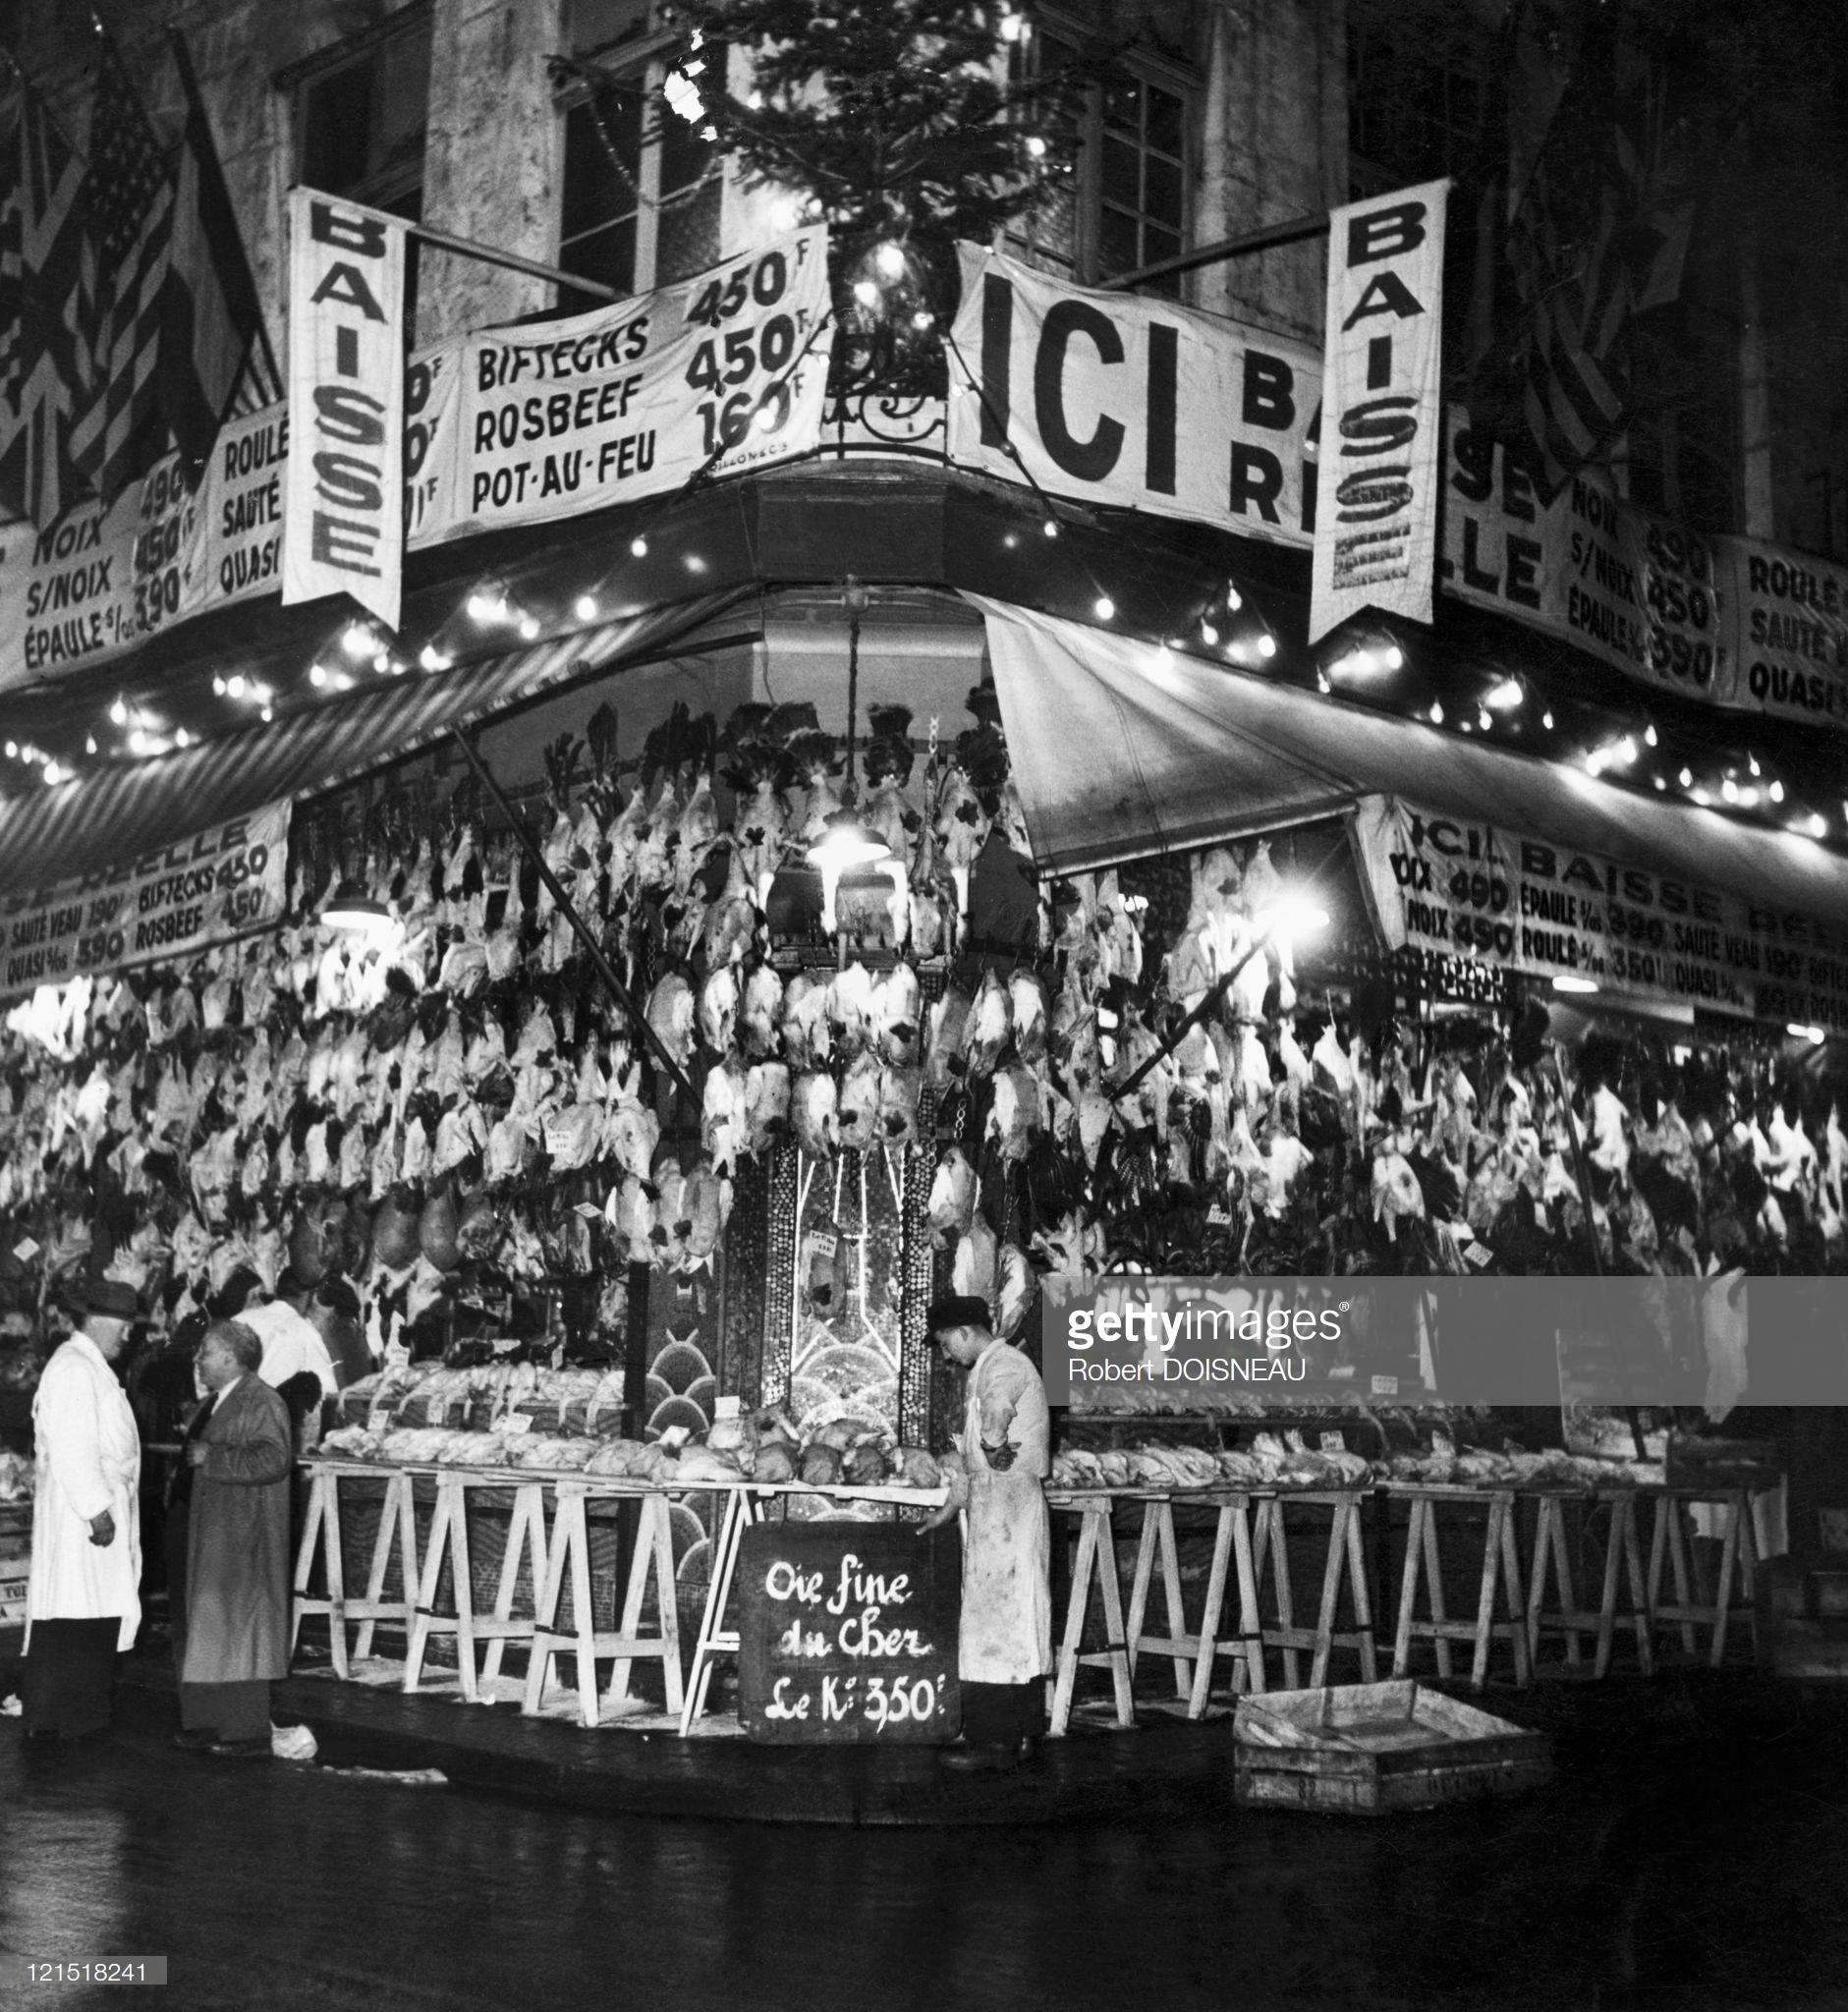 1954. Ле-Аль. Предрождественная продажа птицы